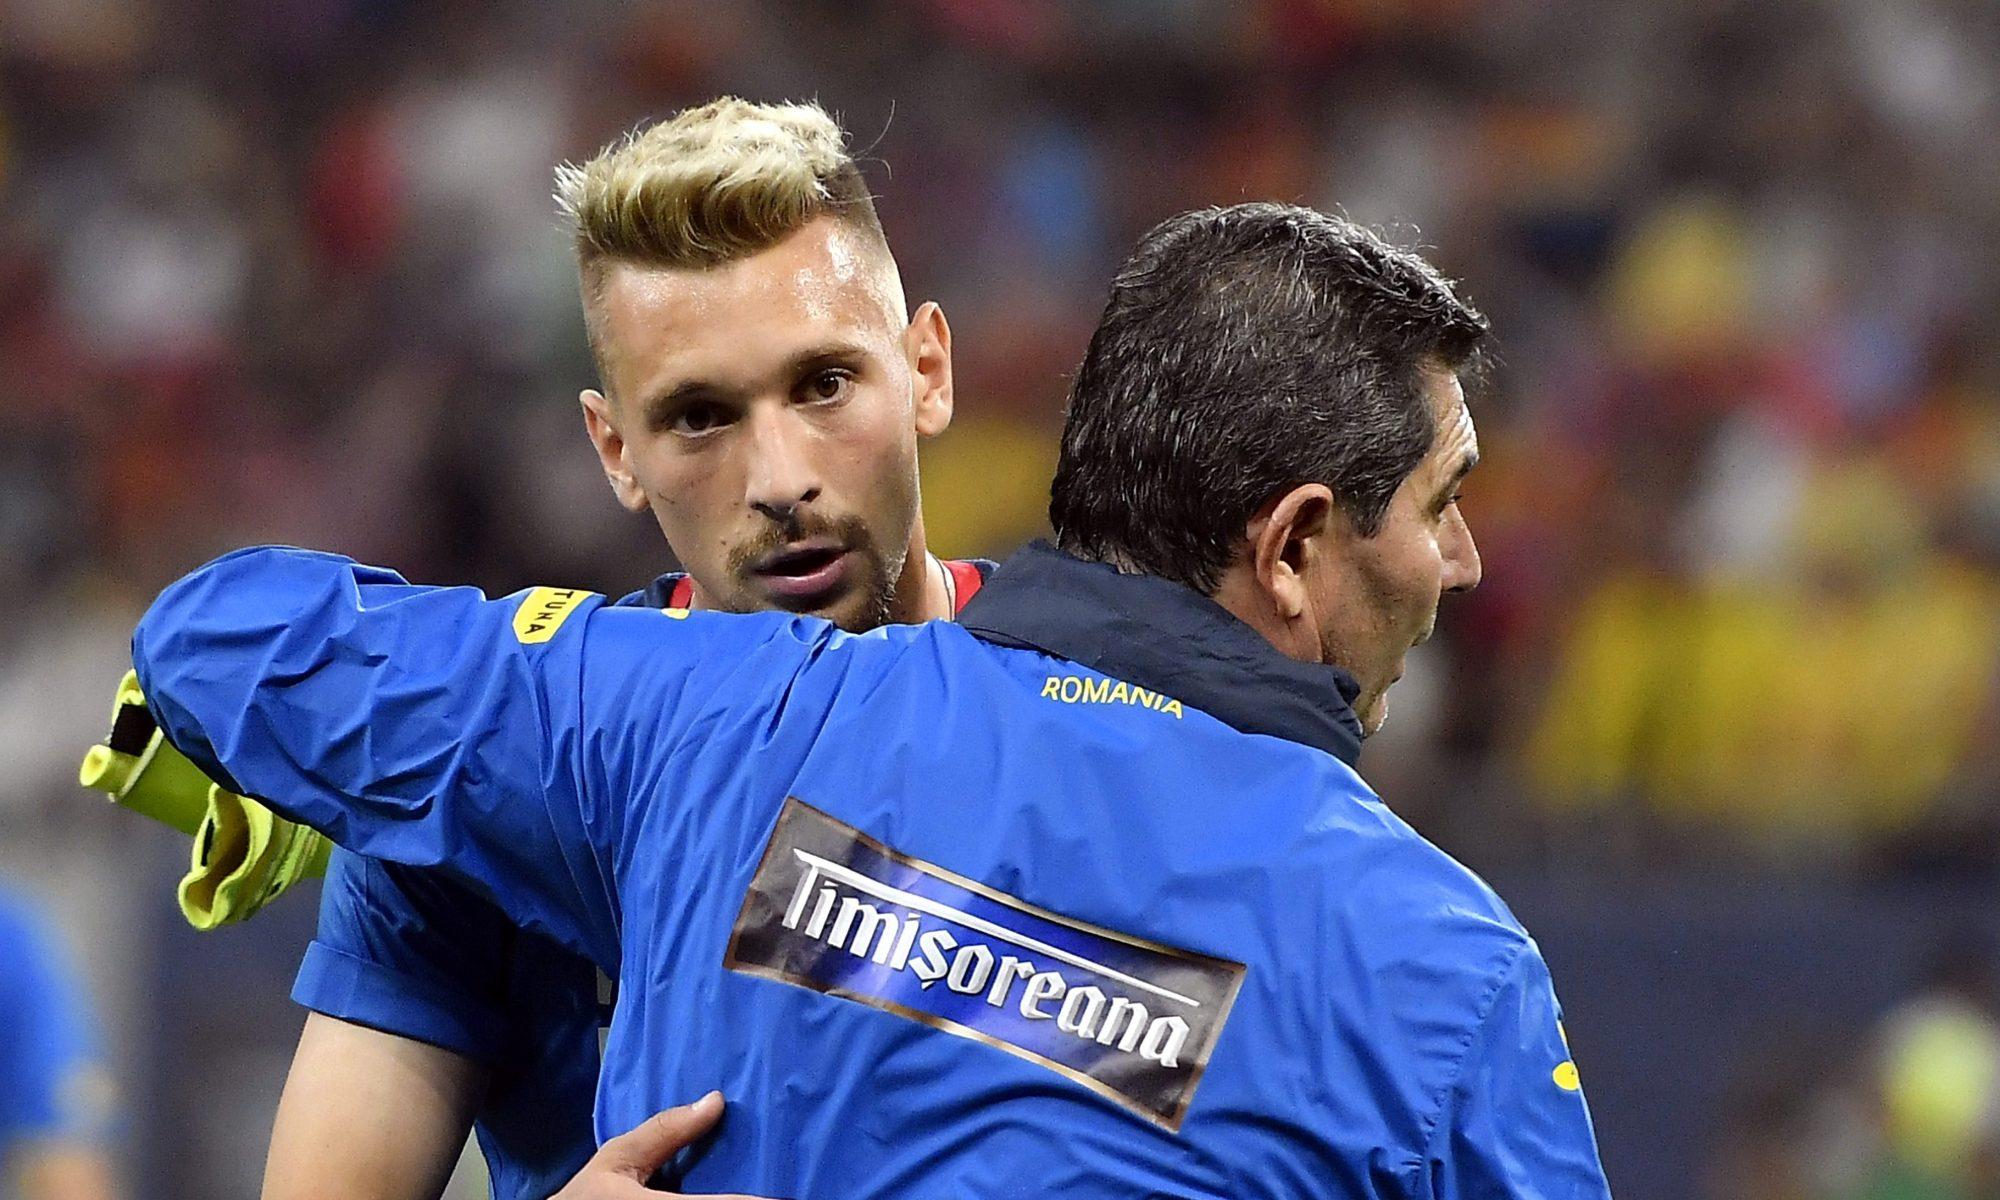 Scăderea bruscă a carierei lui Ionuț Radu! Italienii anunță ce se va întâmpla cu el. Sursă foto: sportpictures.eu